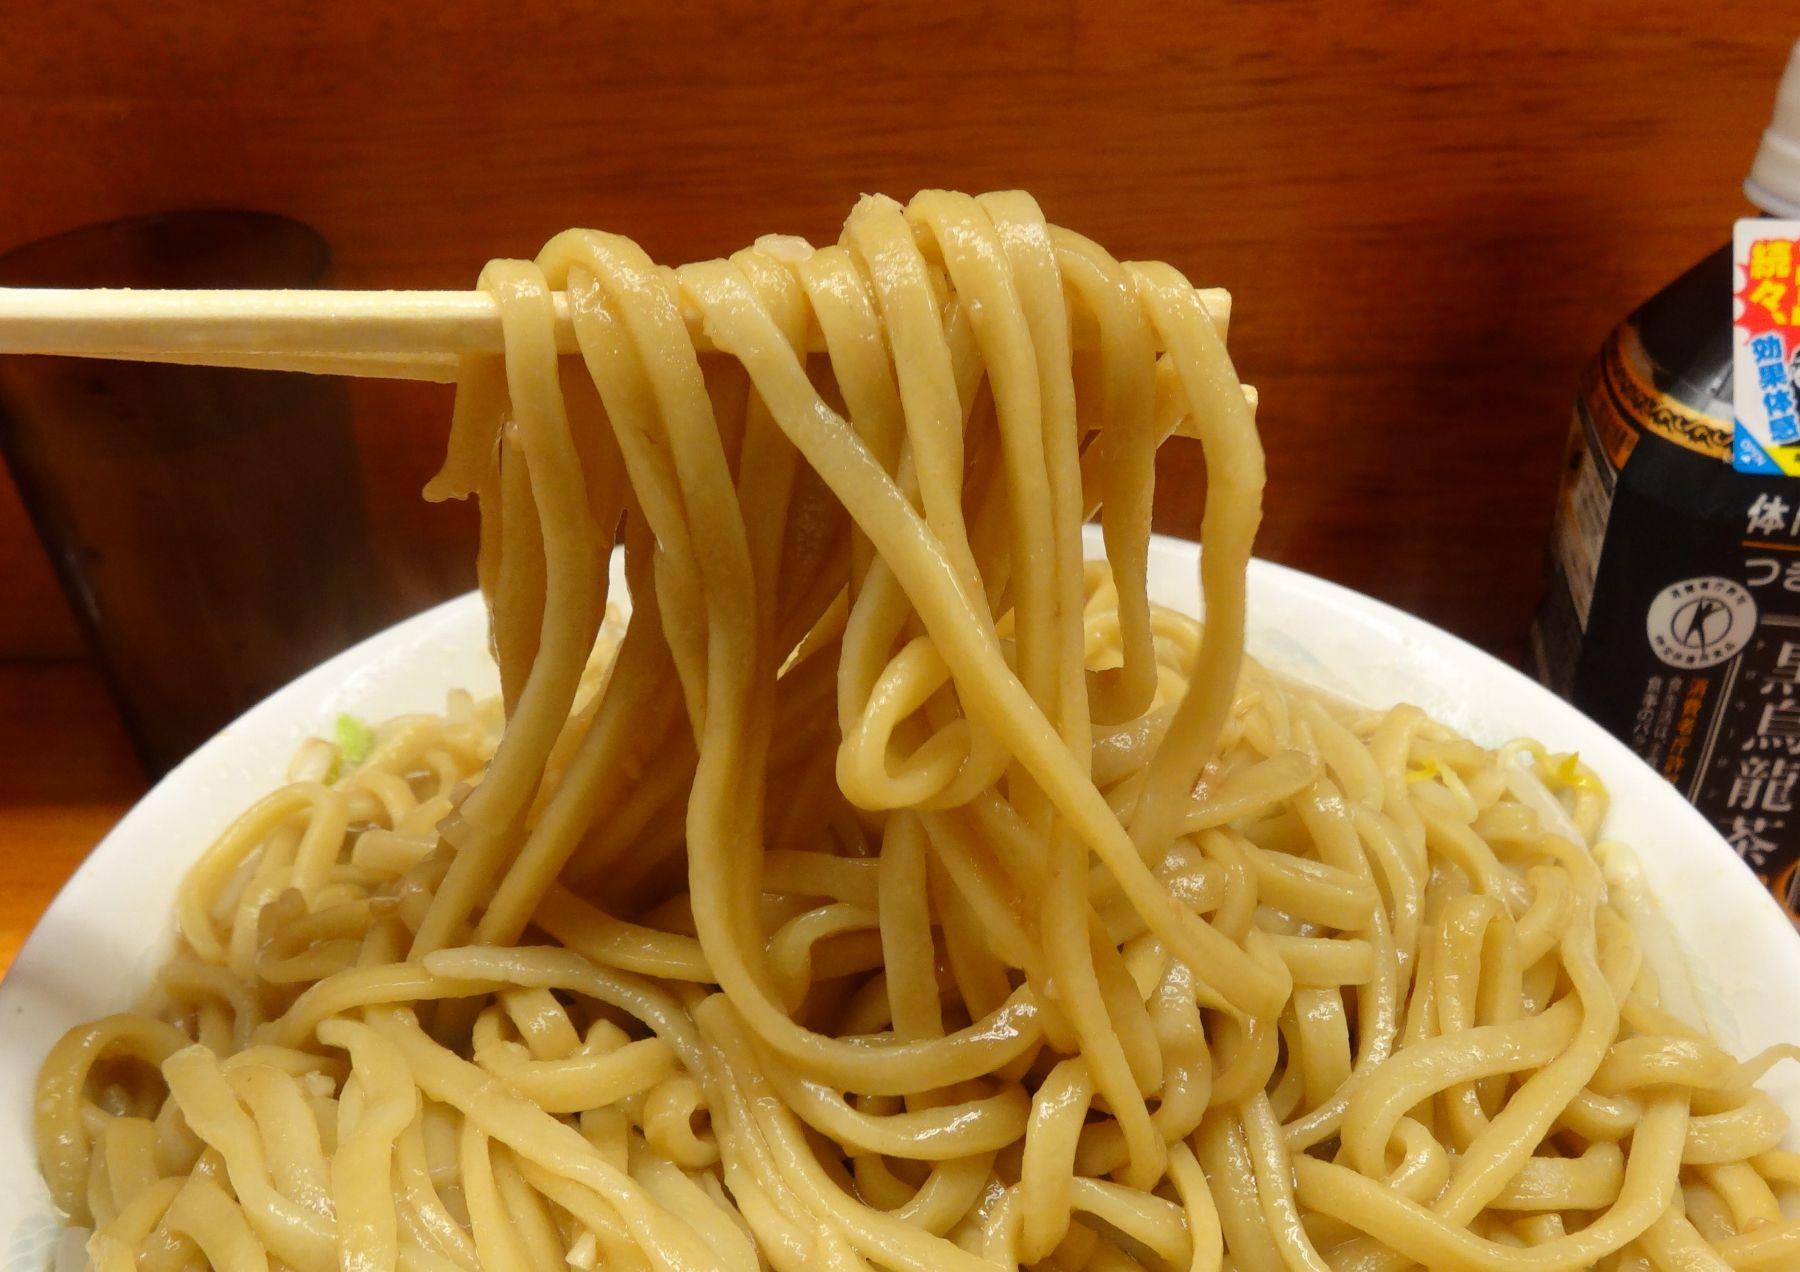 20121117010tachikawa.jpg